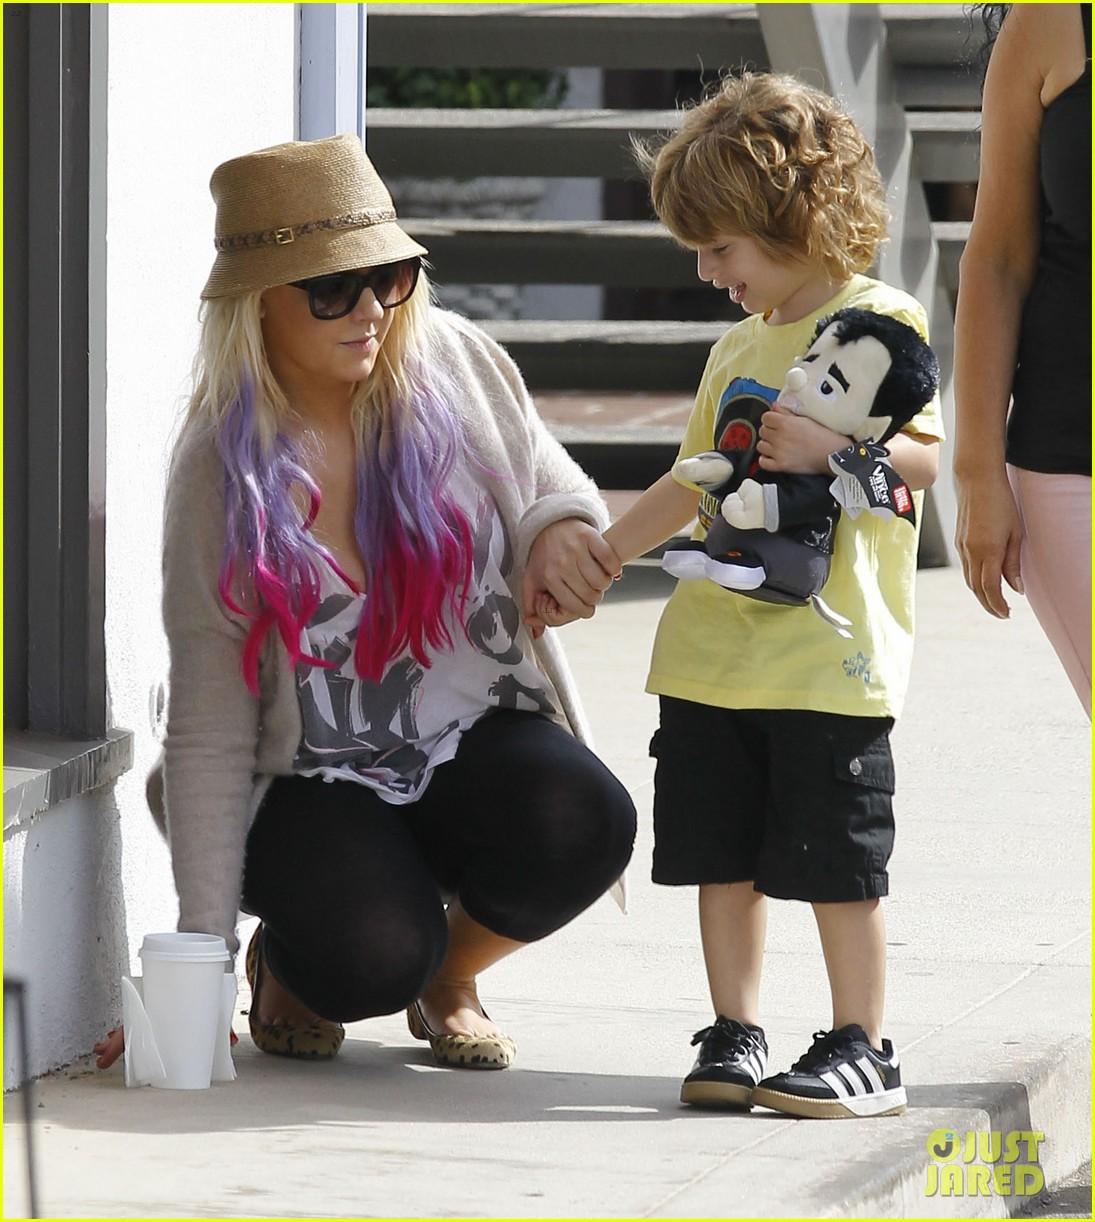 [Fotos] Christina Aguilera y Matthew Rutler: De compras con Max! (Sabado 6 octubre) Christina-aguilera-matthew-rutler-shopping-with-max-20